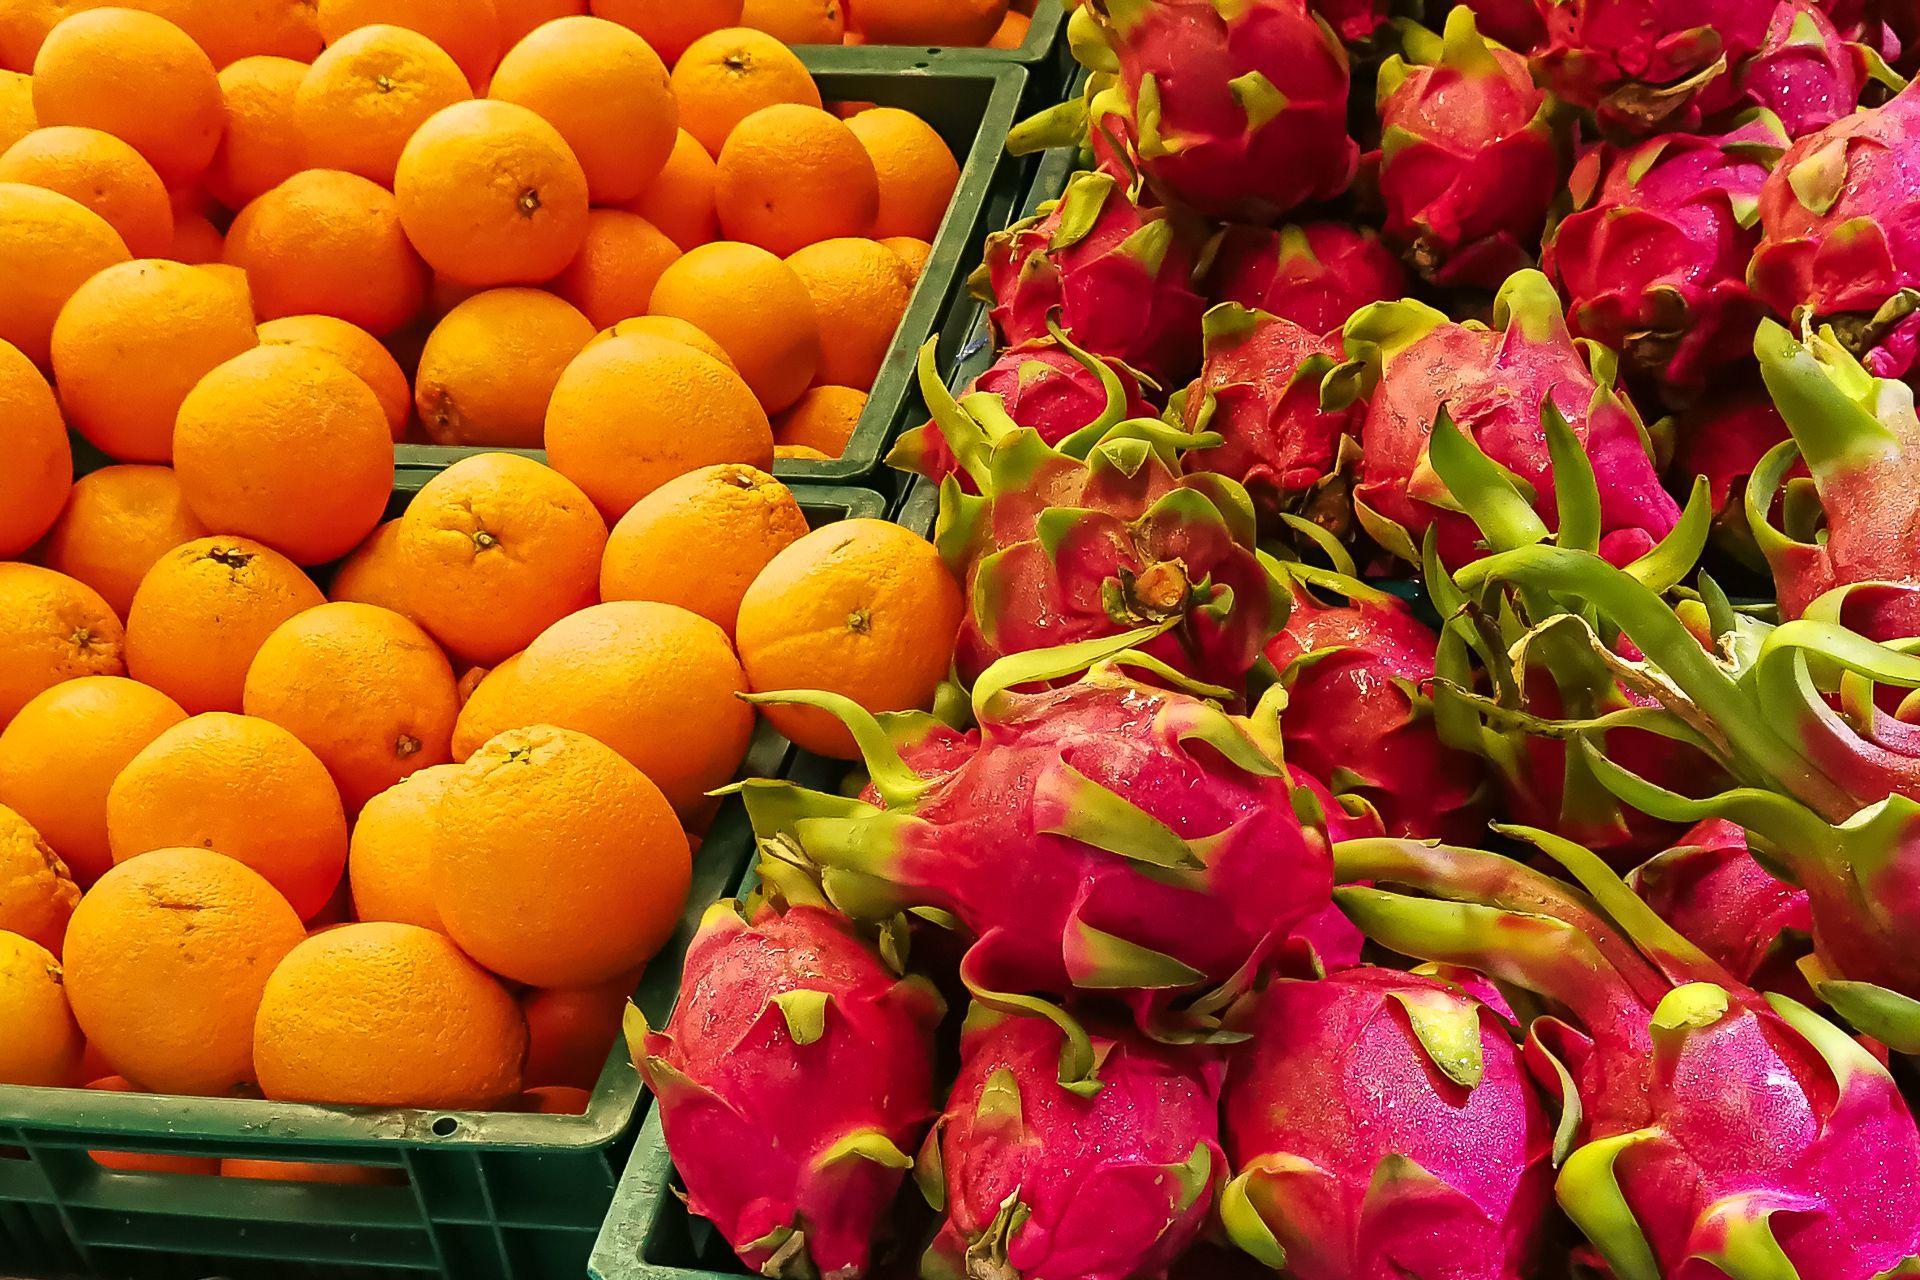 Food price Thailand, Tesko Lotus, Makro, Samui supermarket, цены на Самуи, цены на продукты в Таиланде, тайский супермаркет, обзор цен в Таиланде, обзор цена на Самуи, сколько стоит мясо в Таиланде, сколько стоят морепродукты в Таиланде, цены, Макро, Теско, Самуи, Тай,